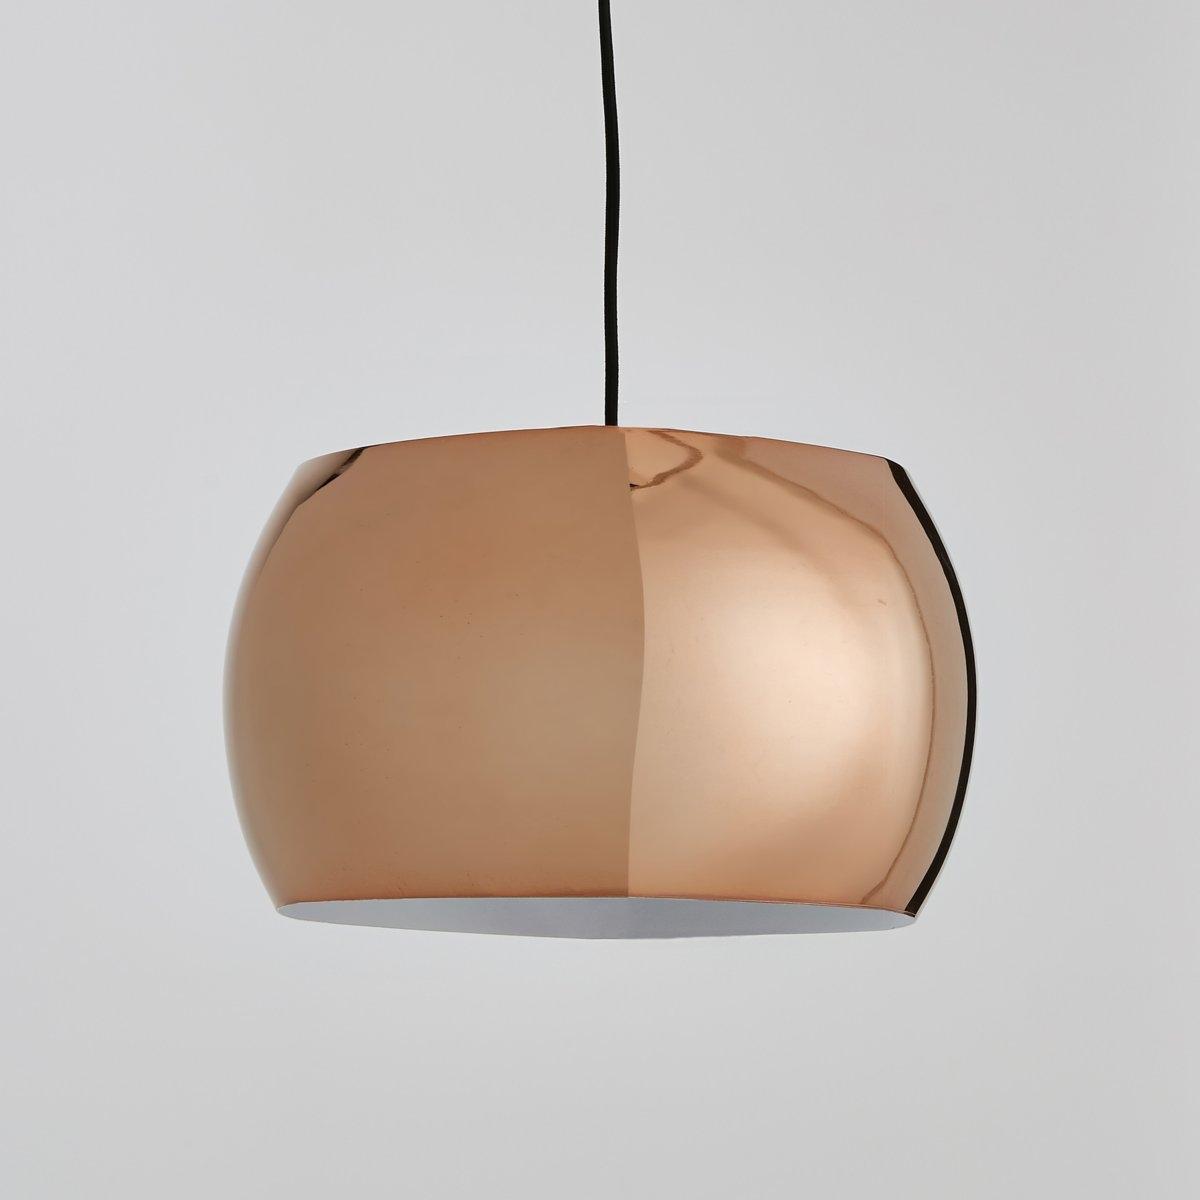 Светильник в виде шара медного цвета, Elori